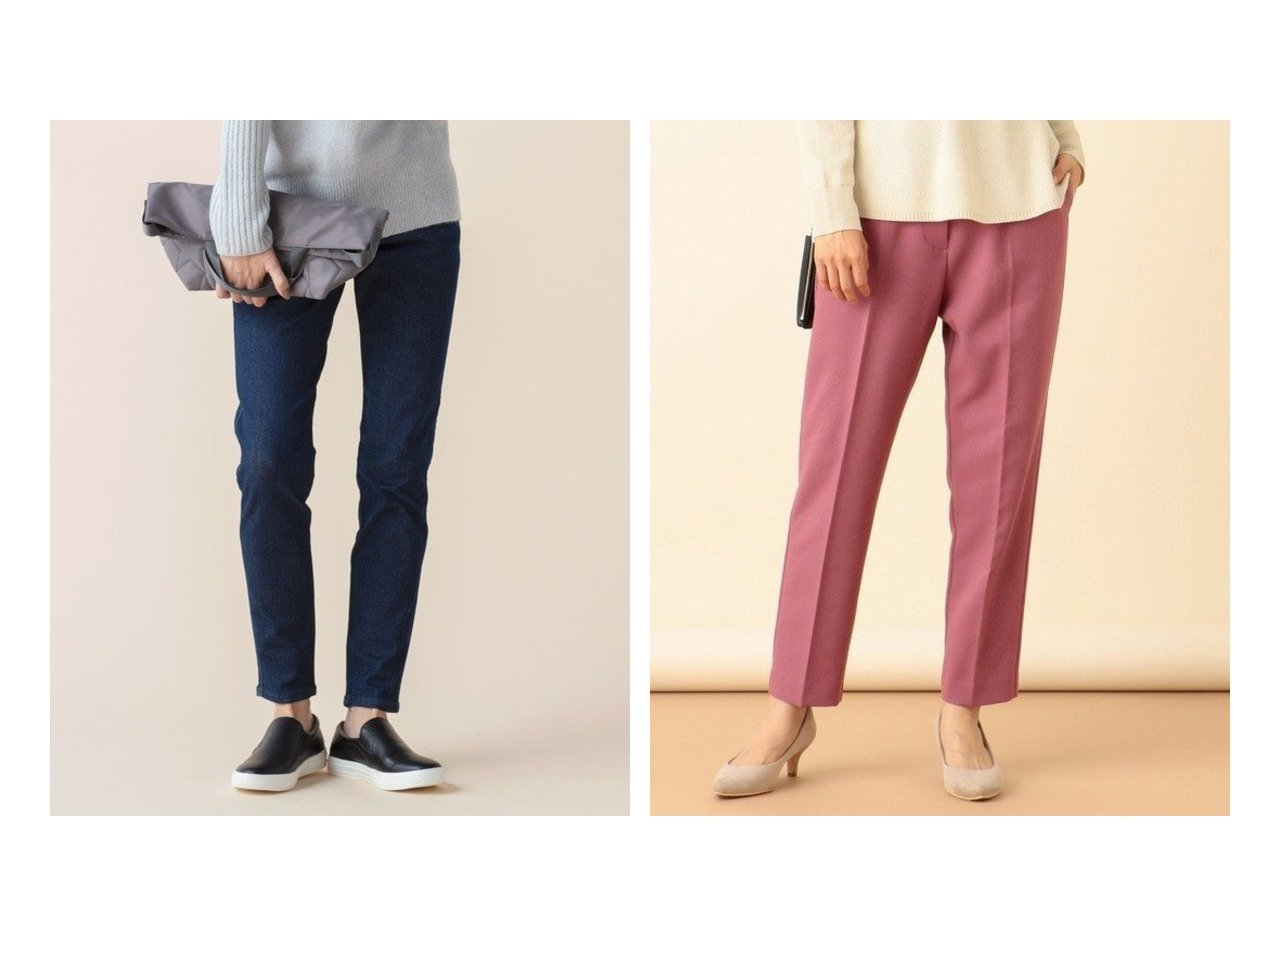 【any SiS/エニィ スィス】の【L'aube】LeeJEGGINGS パンツ&【洗える】ハイウエストテーパード パンツ パンツのおすすめ!人気、トレンド・レディースファッションの通販 おすすめで人気の流行・トレンド、ファッションの通販商品 メンズファッション・キッズファッション・インテリア・家具・レディースファッション・服の通販 founy(ファニー) https://founy.com/ ファッション Fashion レディースファッション WOMEN パンツ Pants 送料無料 Free Shipping ストレッチ デニム フィット レギンス 人気 アンティーク ギャザー スリット センター ベーシック ポケット  ID:crp329100000009442